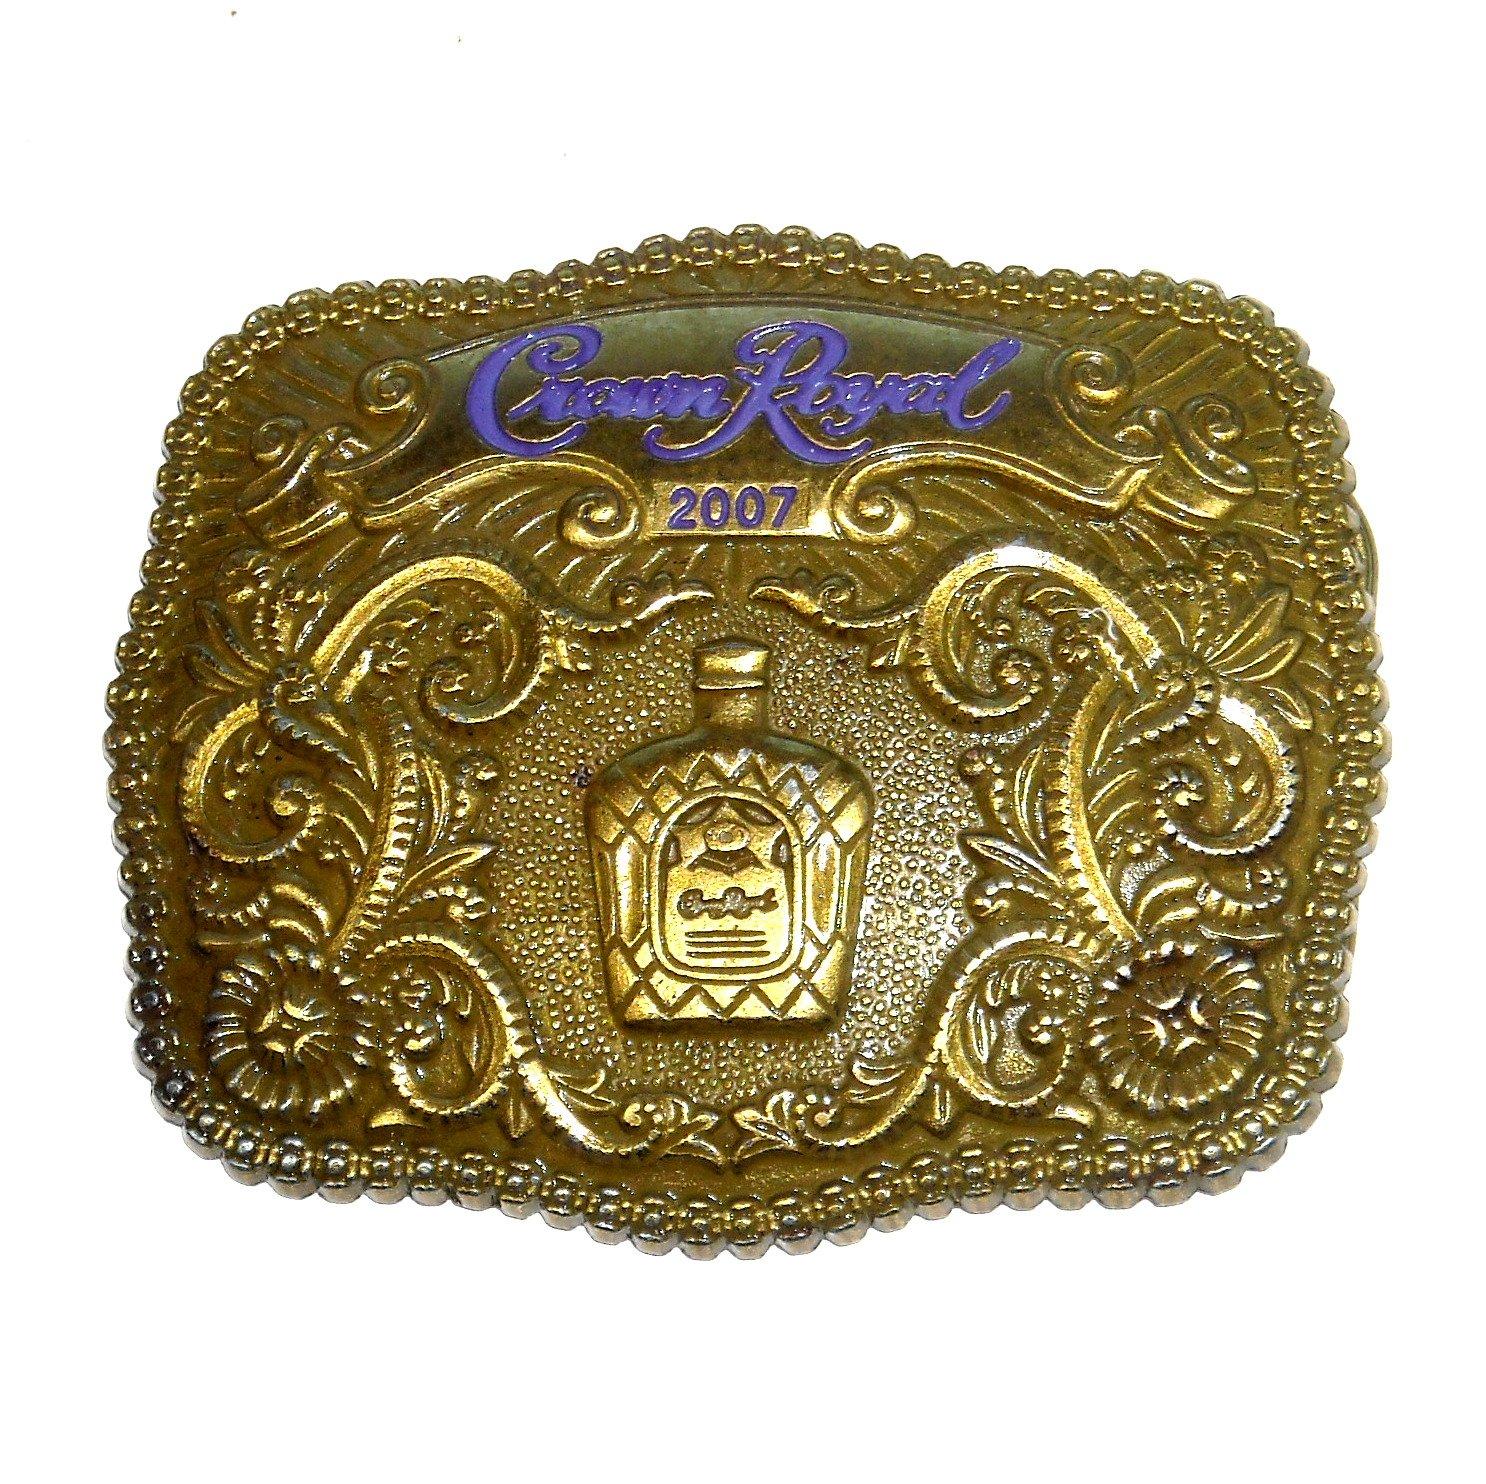 2007 Crown Royal Brass Color Belt Buckle